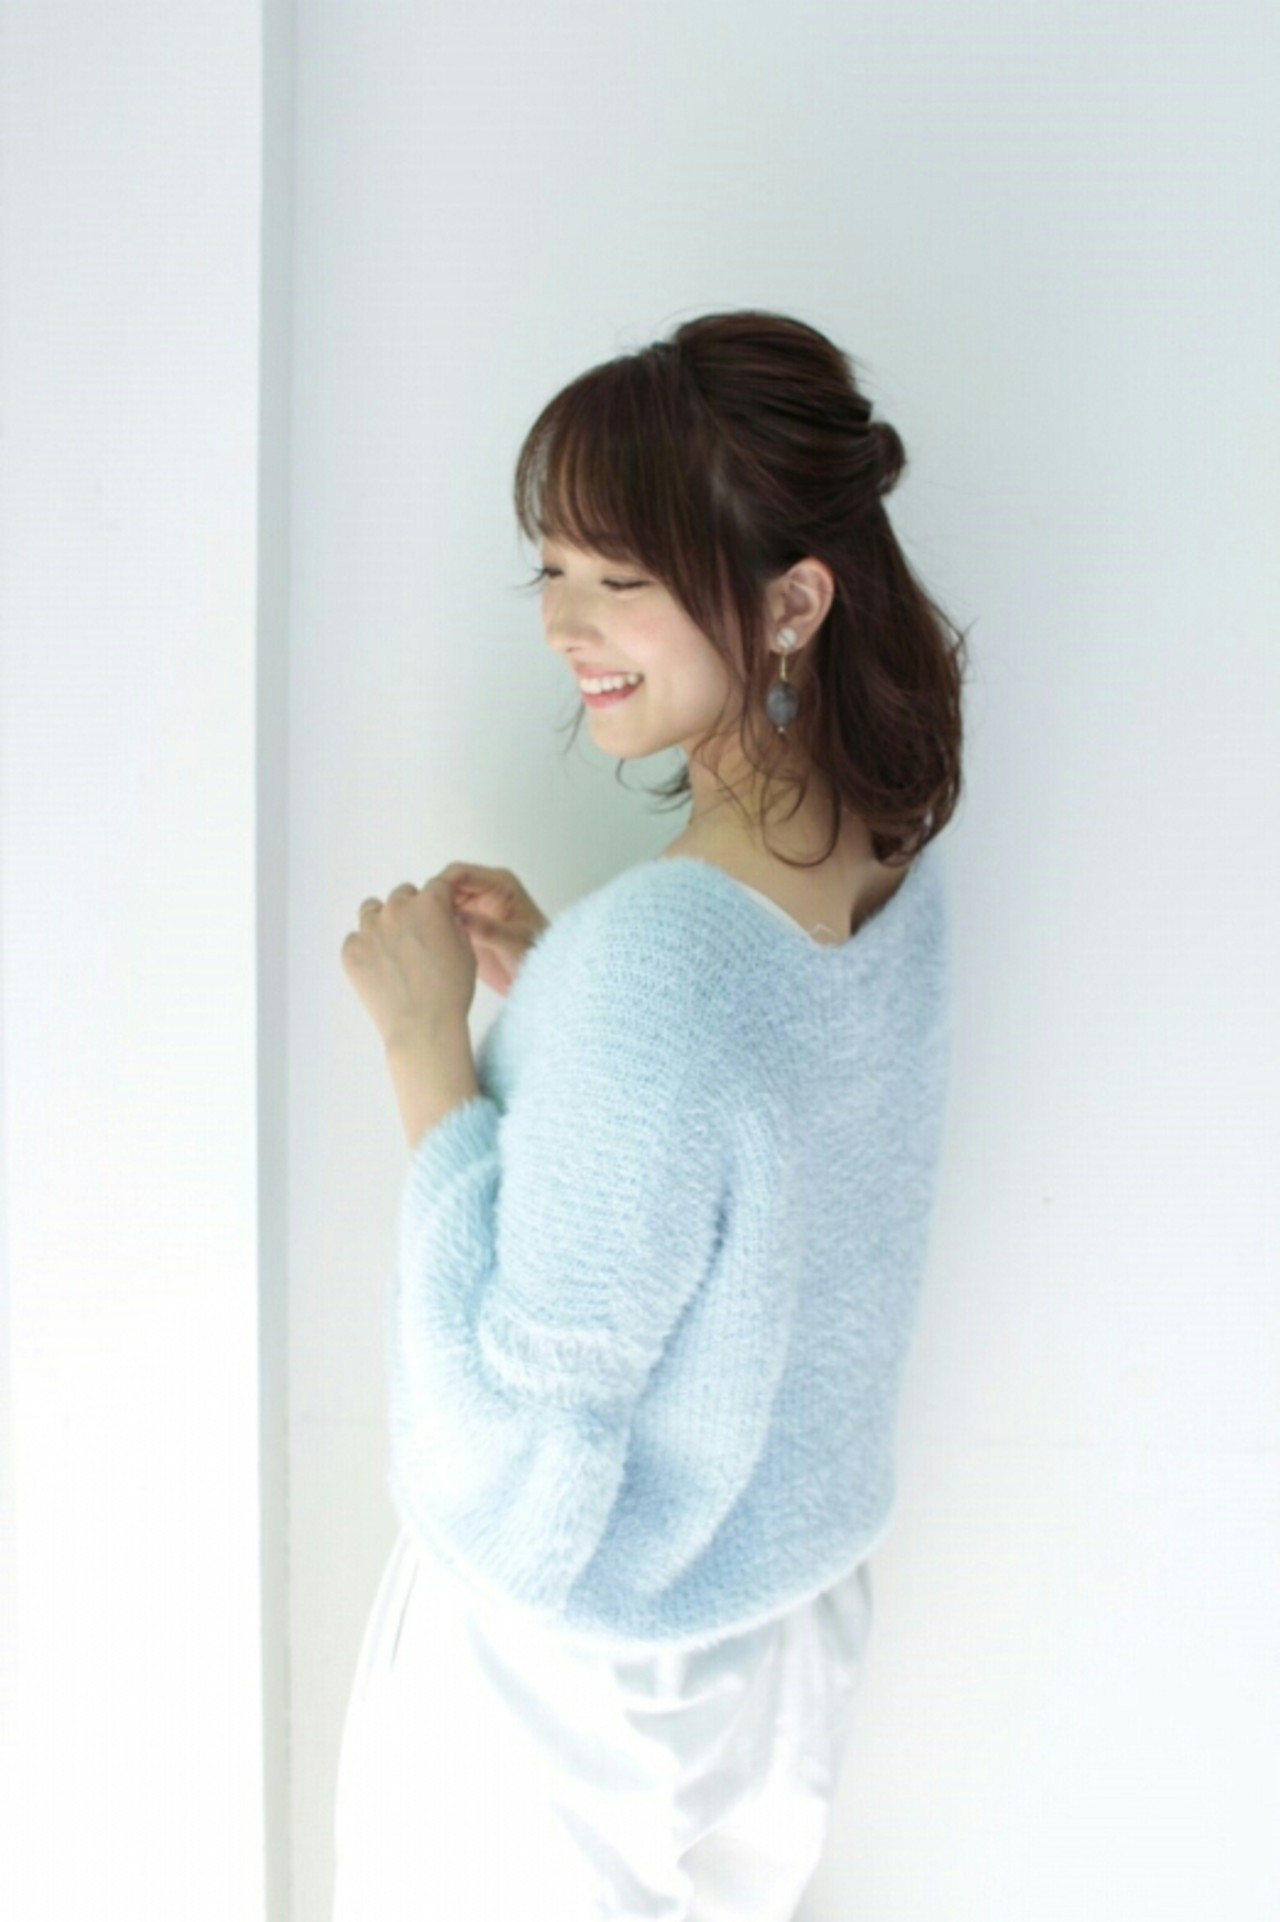 人気のハーフアップにプラスでかわいさ最高潮! asuka